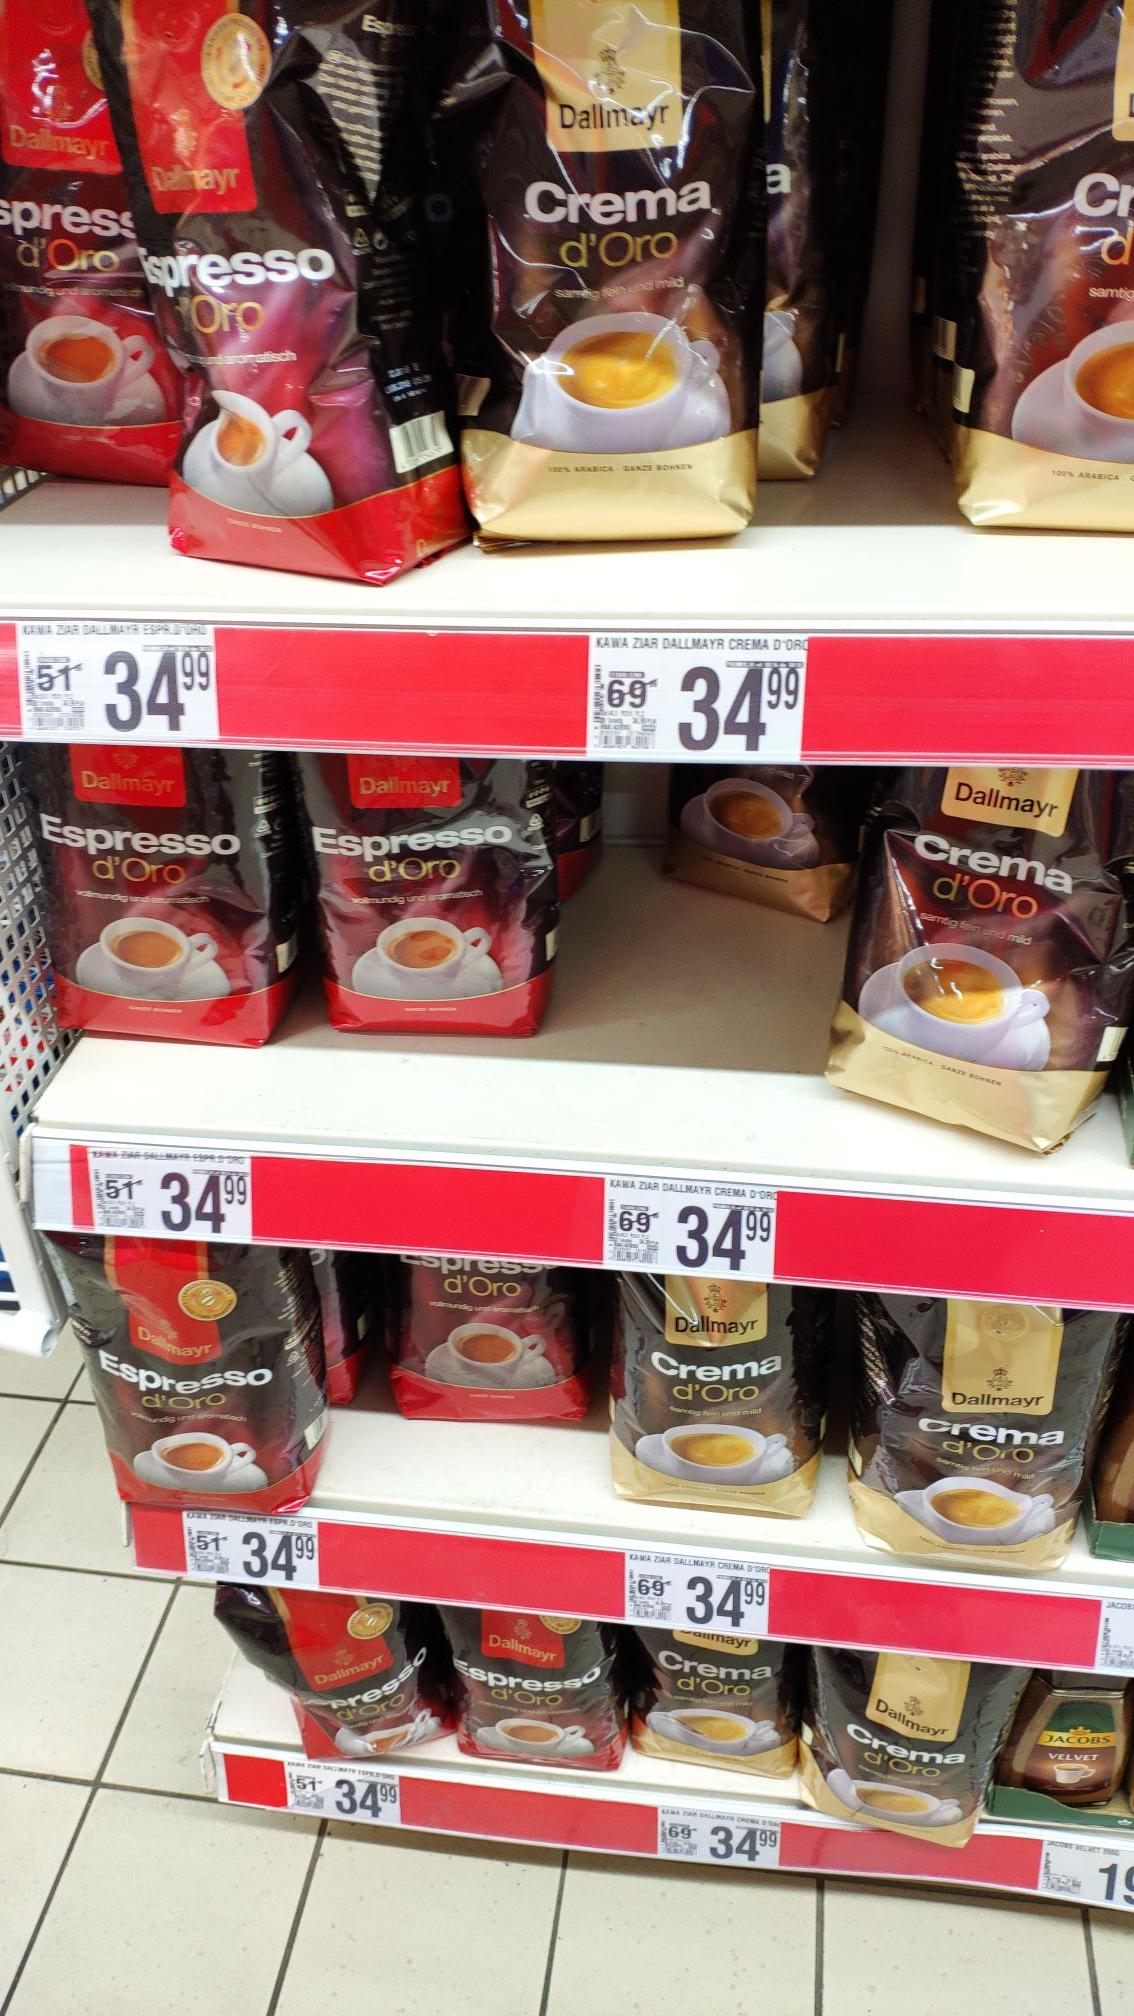 Dallmayr Espresso i Crema Kawa 1kg w Simply i Auchan